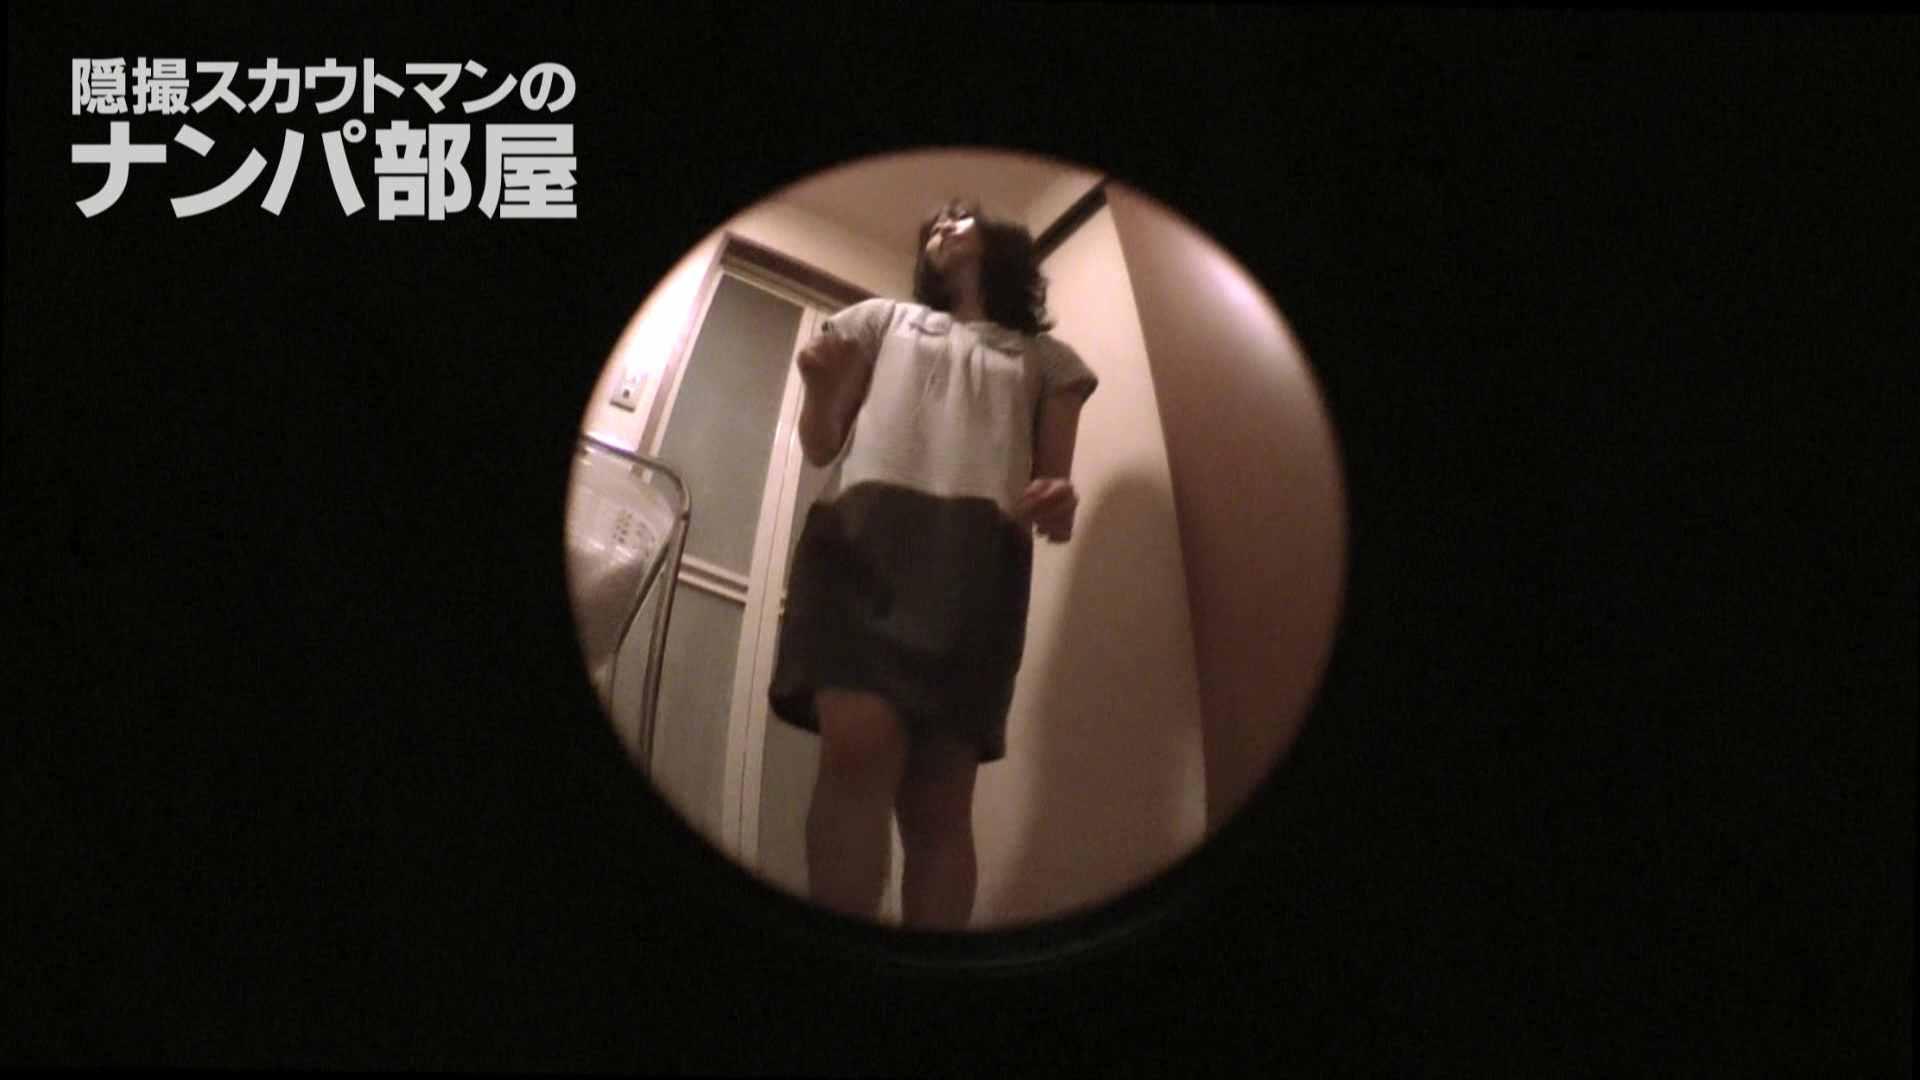 隠撮スカウトマンのナンパ部屋~風俗デビュー前のつまみ食い~ siivol.3 ナンパ  92PIX 24